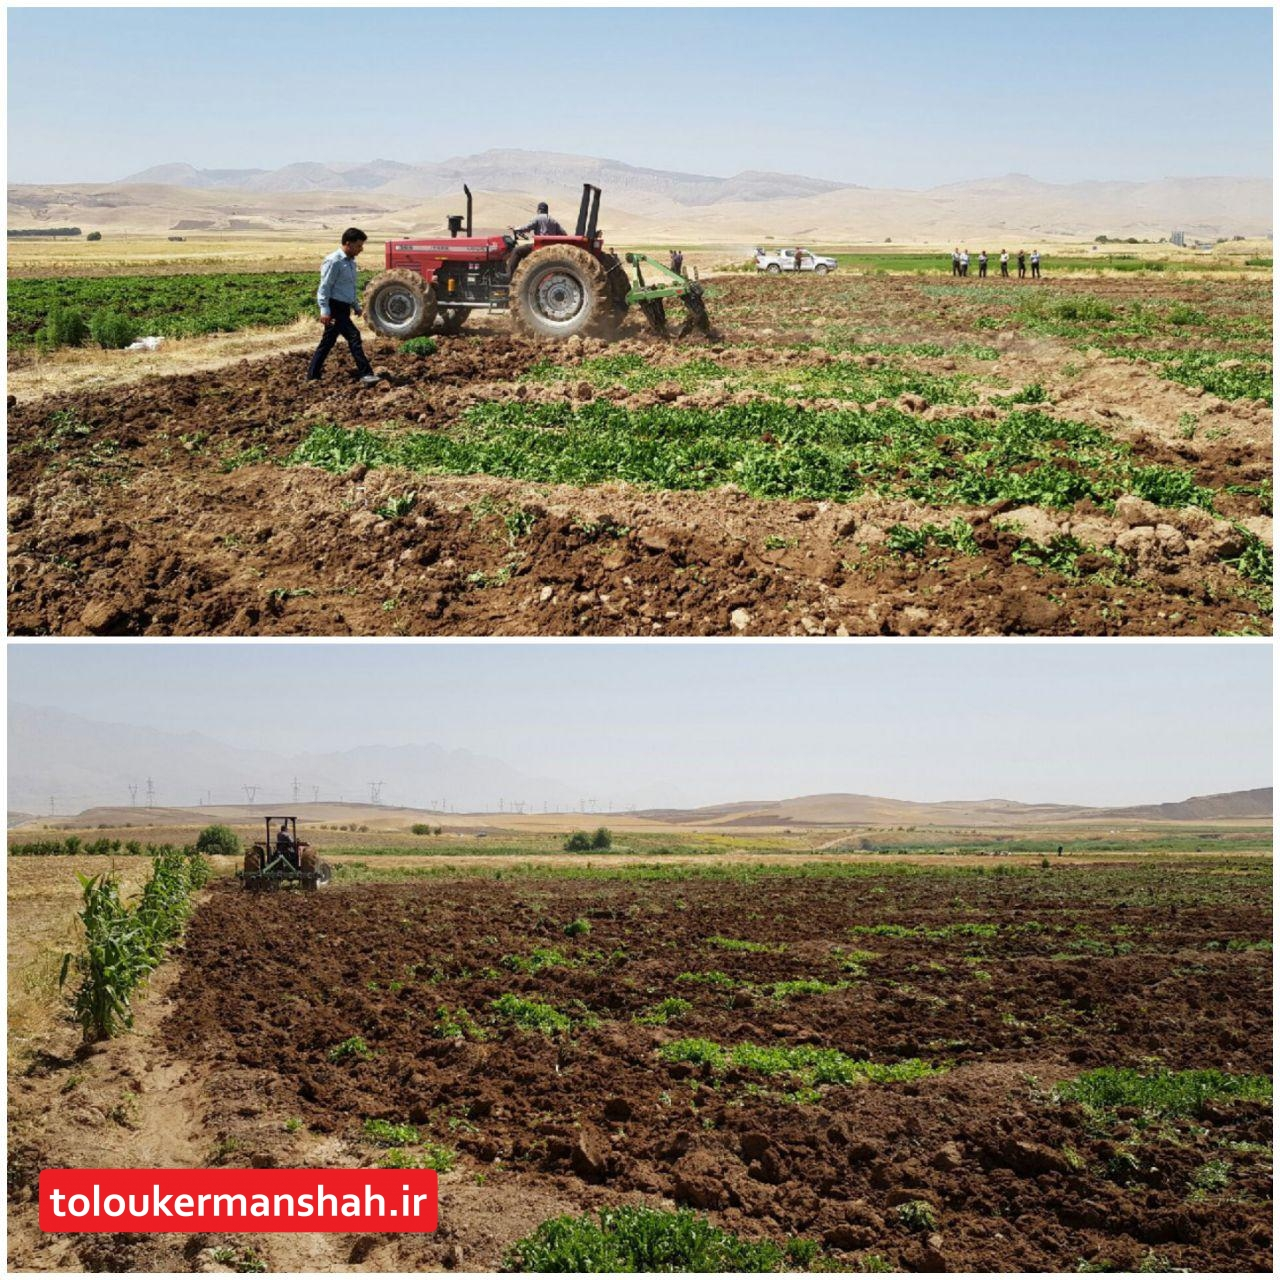 تخریب حدود پنج هکتار سبزی کاری غیر مجاز در روستای قمشه درودفرامان